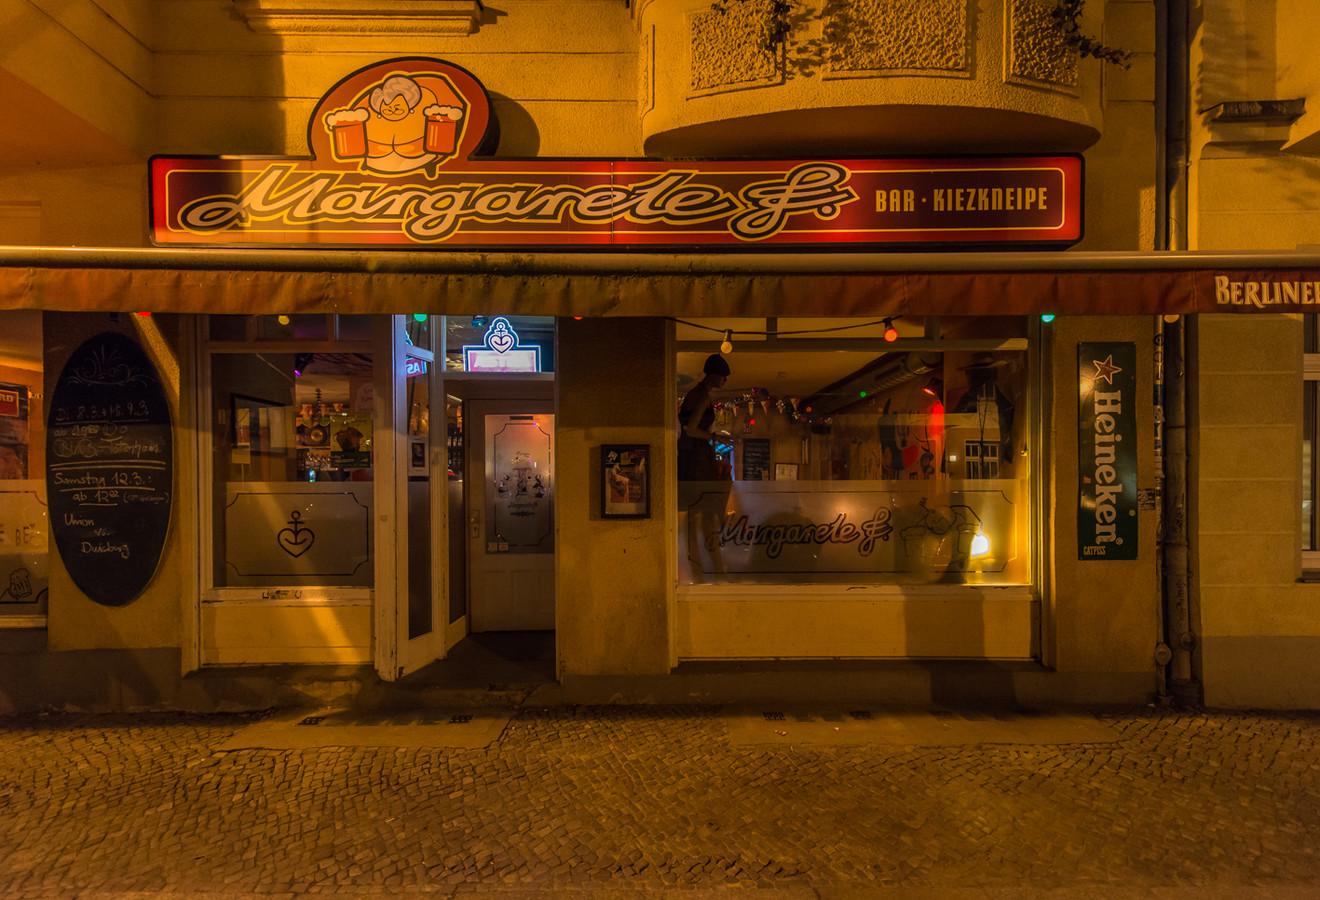 Bar flirten berlin